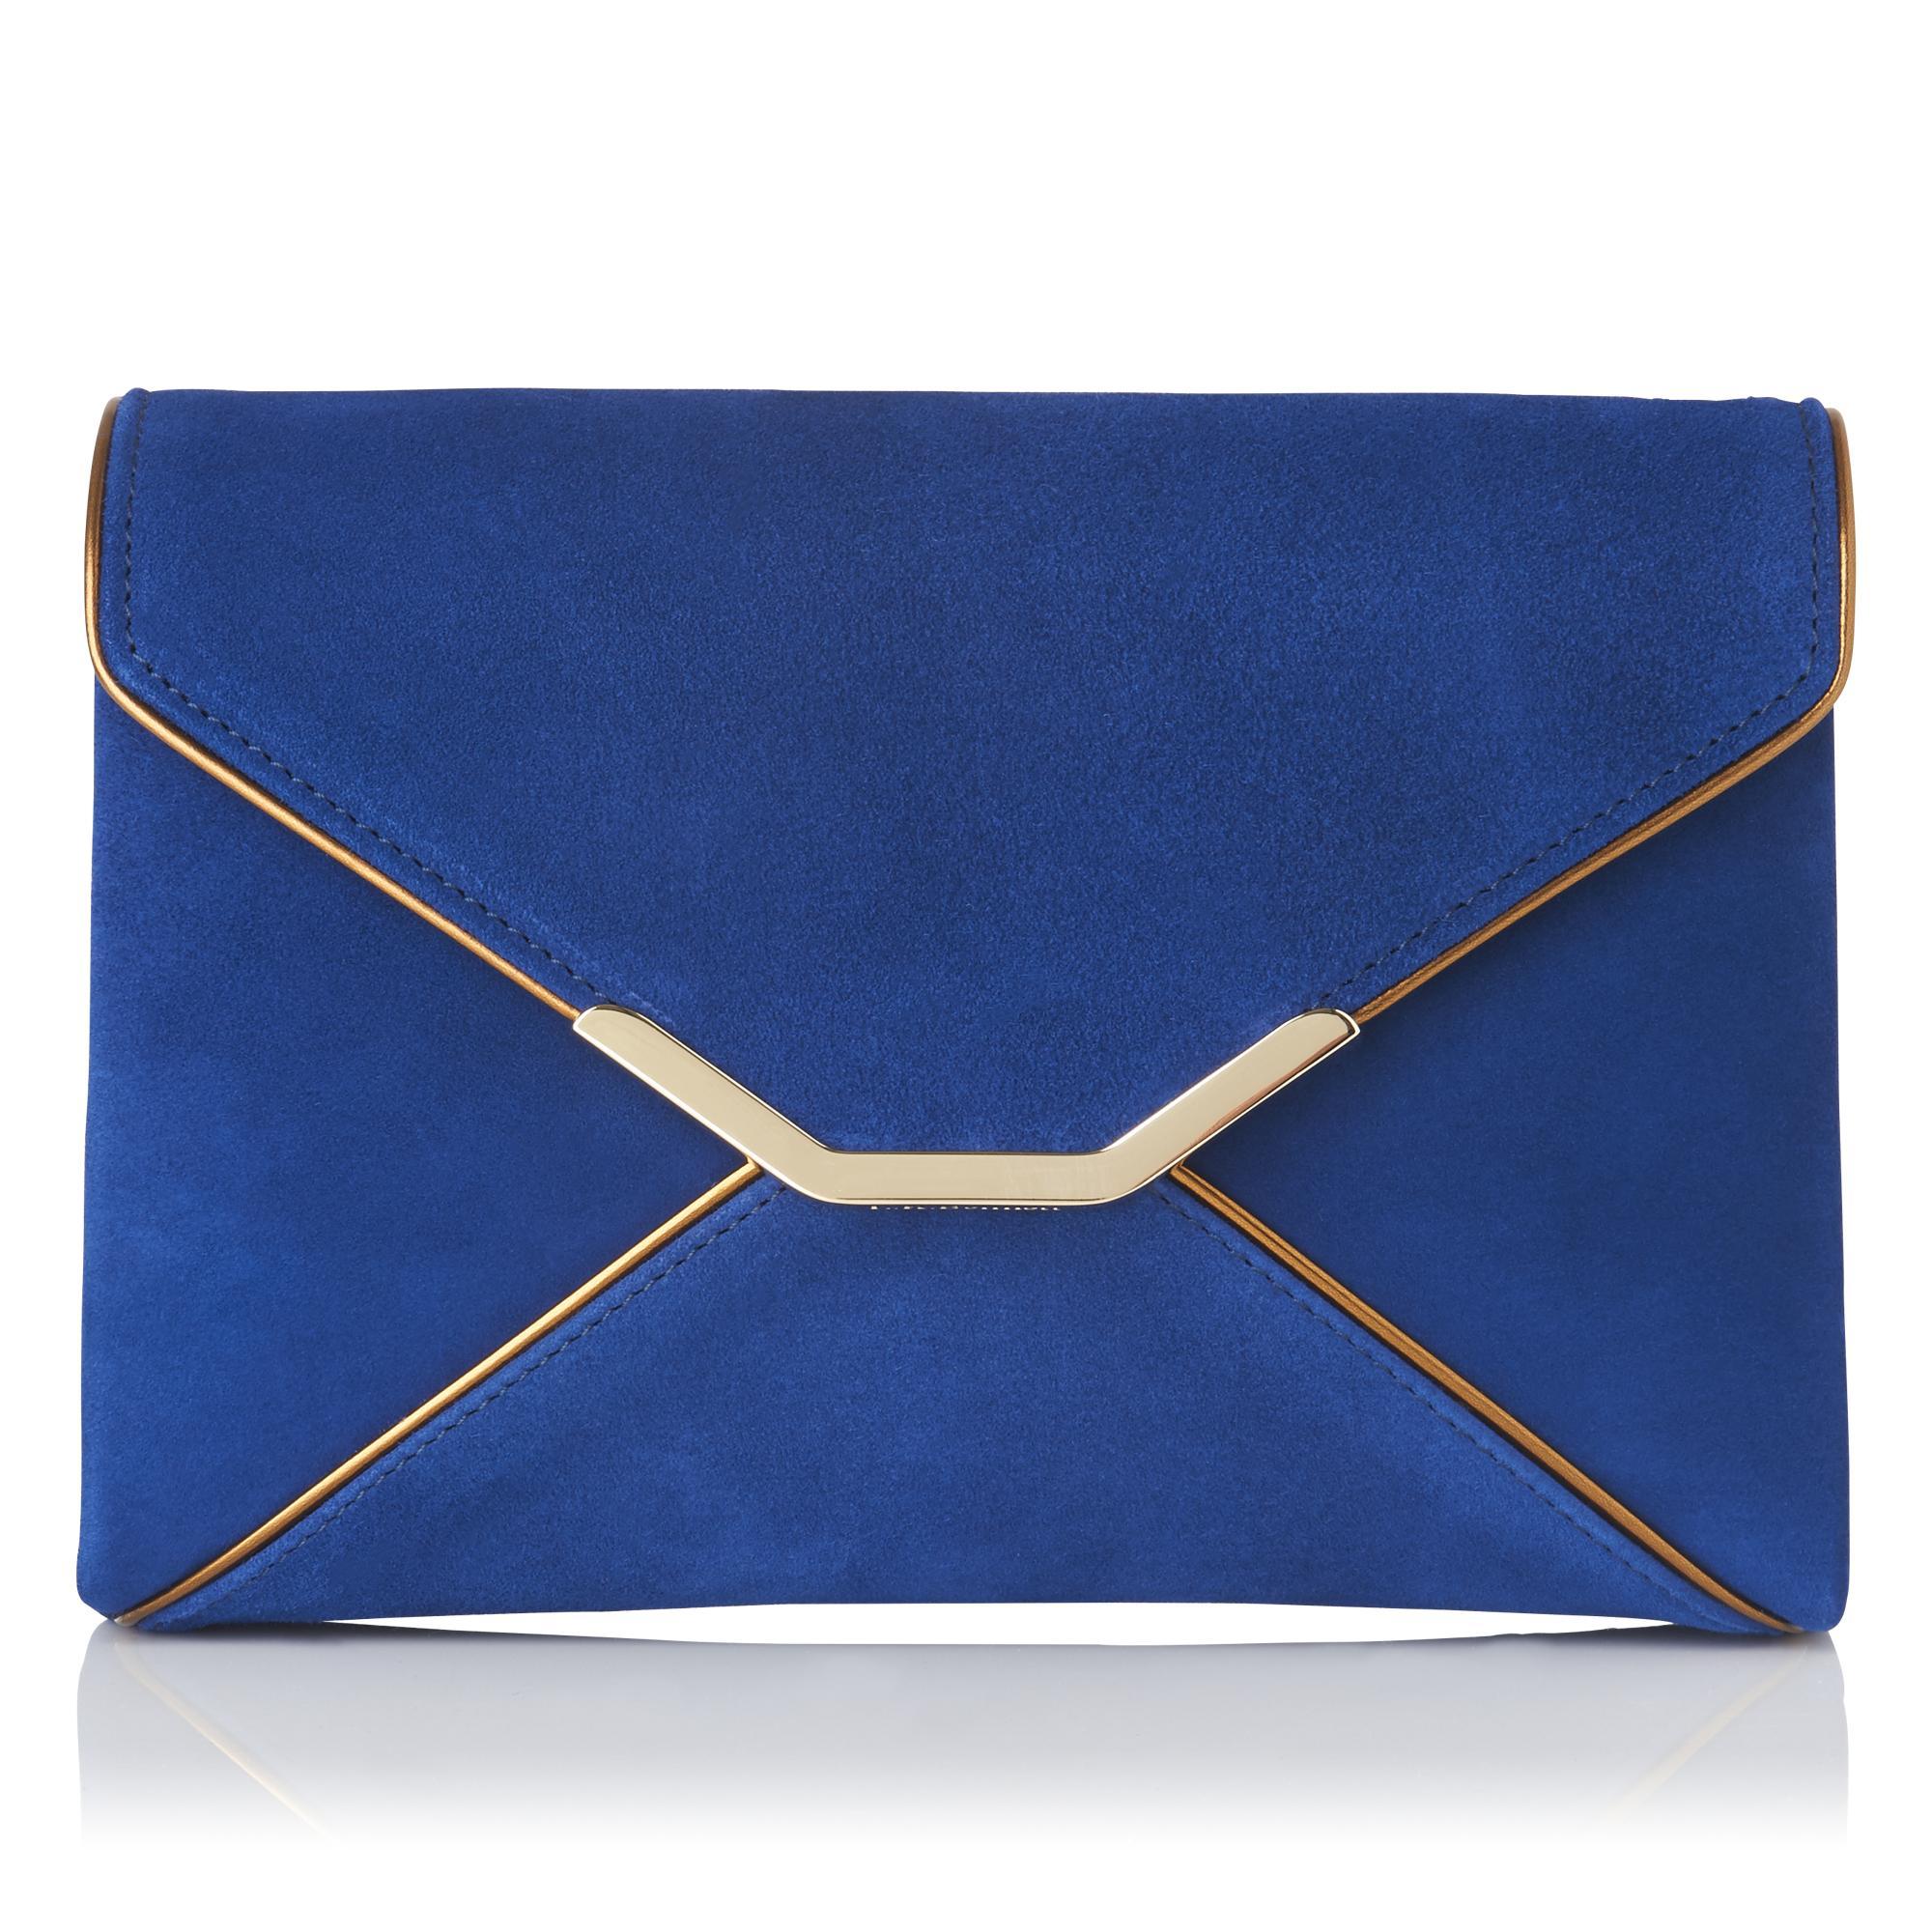 Alena Blue Suede Mirror Clutch